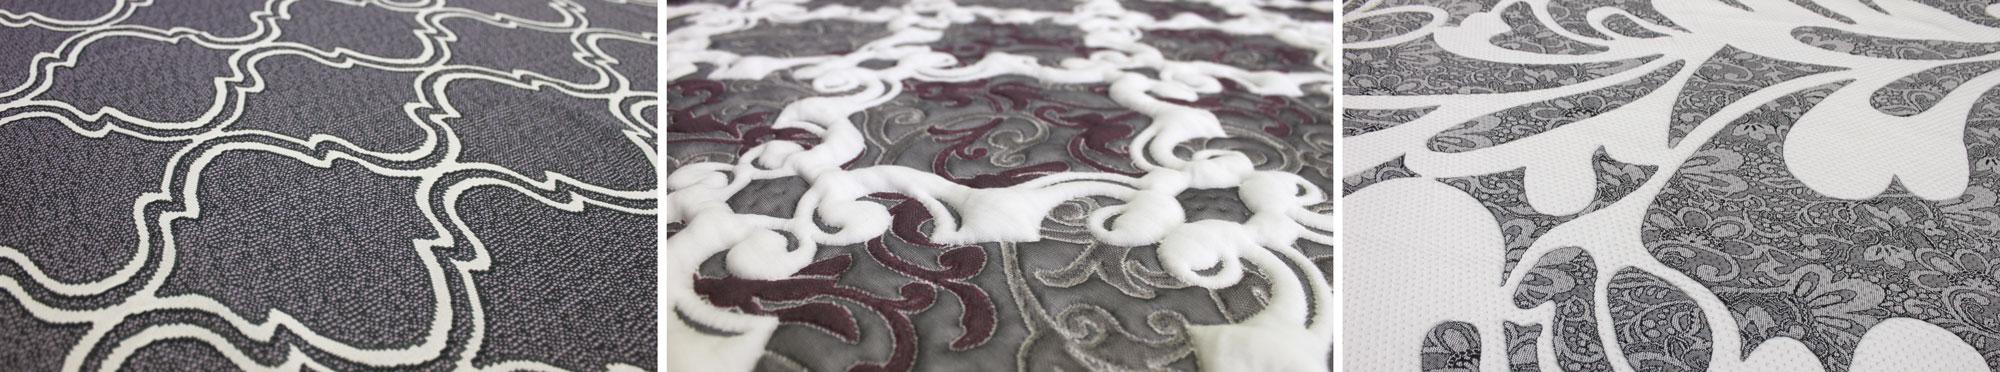 Textiles_dessus et bordures de matelas_mosaique.jpg